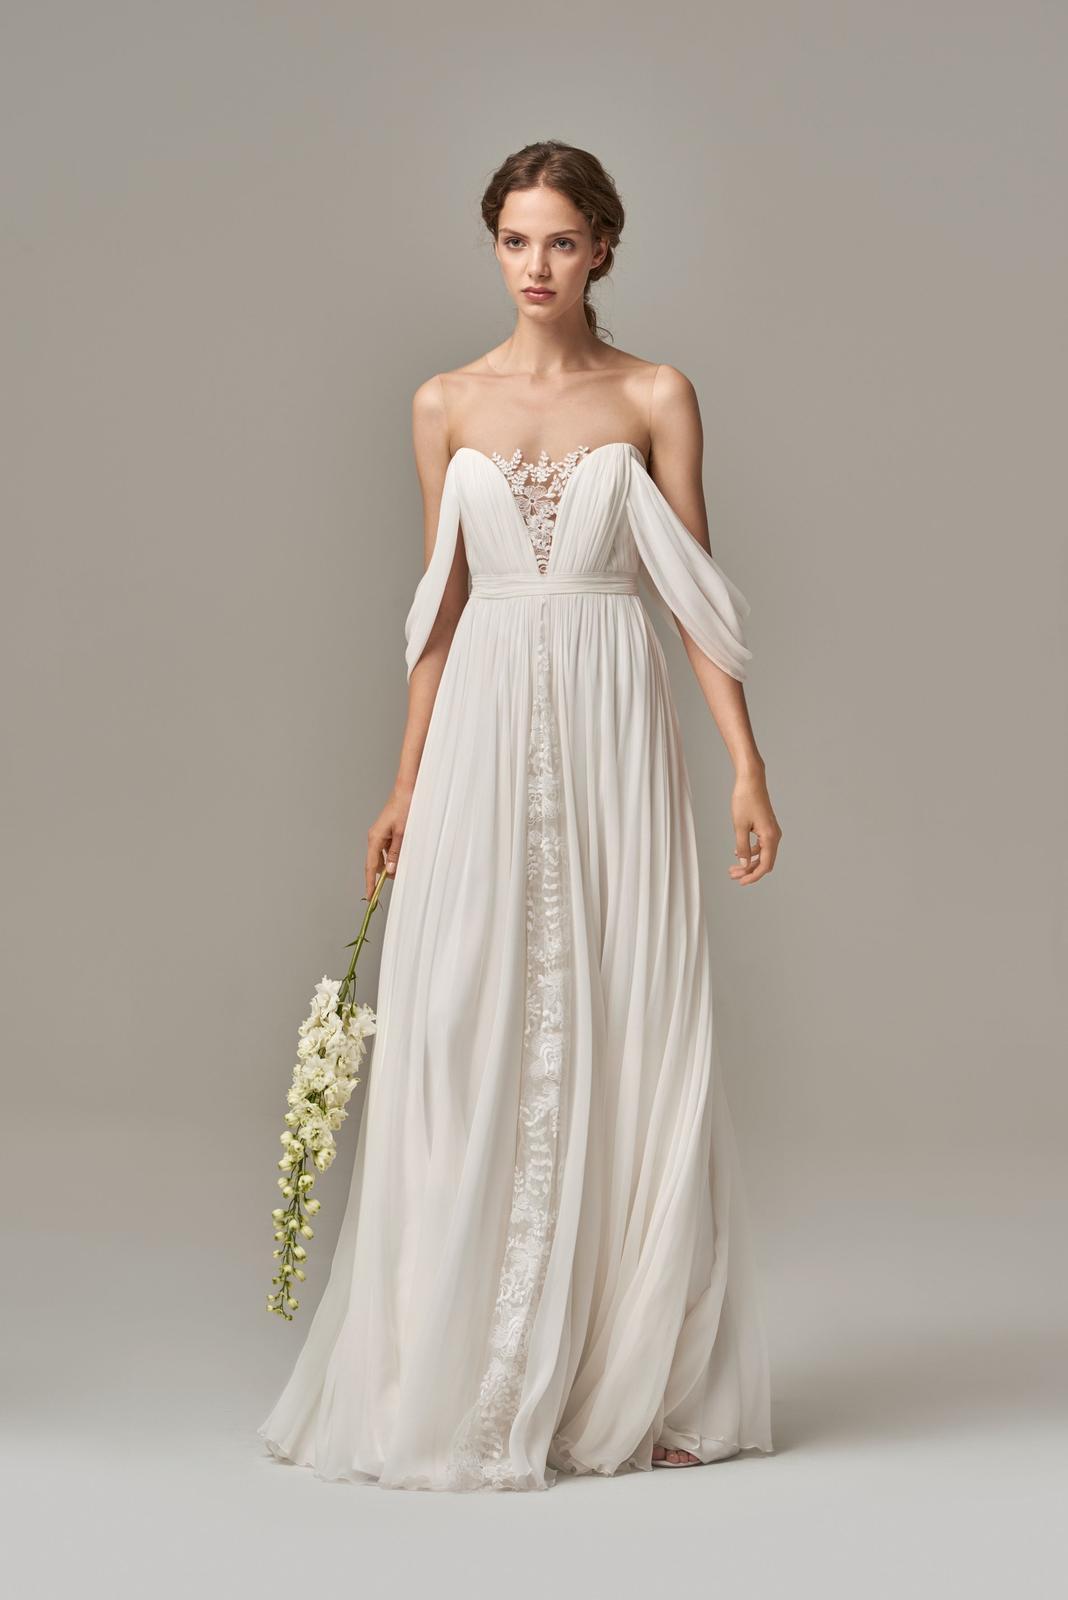 Anna Kara * Svadobné šaty z kolekcií na rok 2019 - Obrázok č. 2